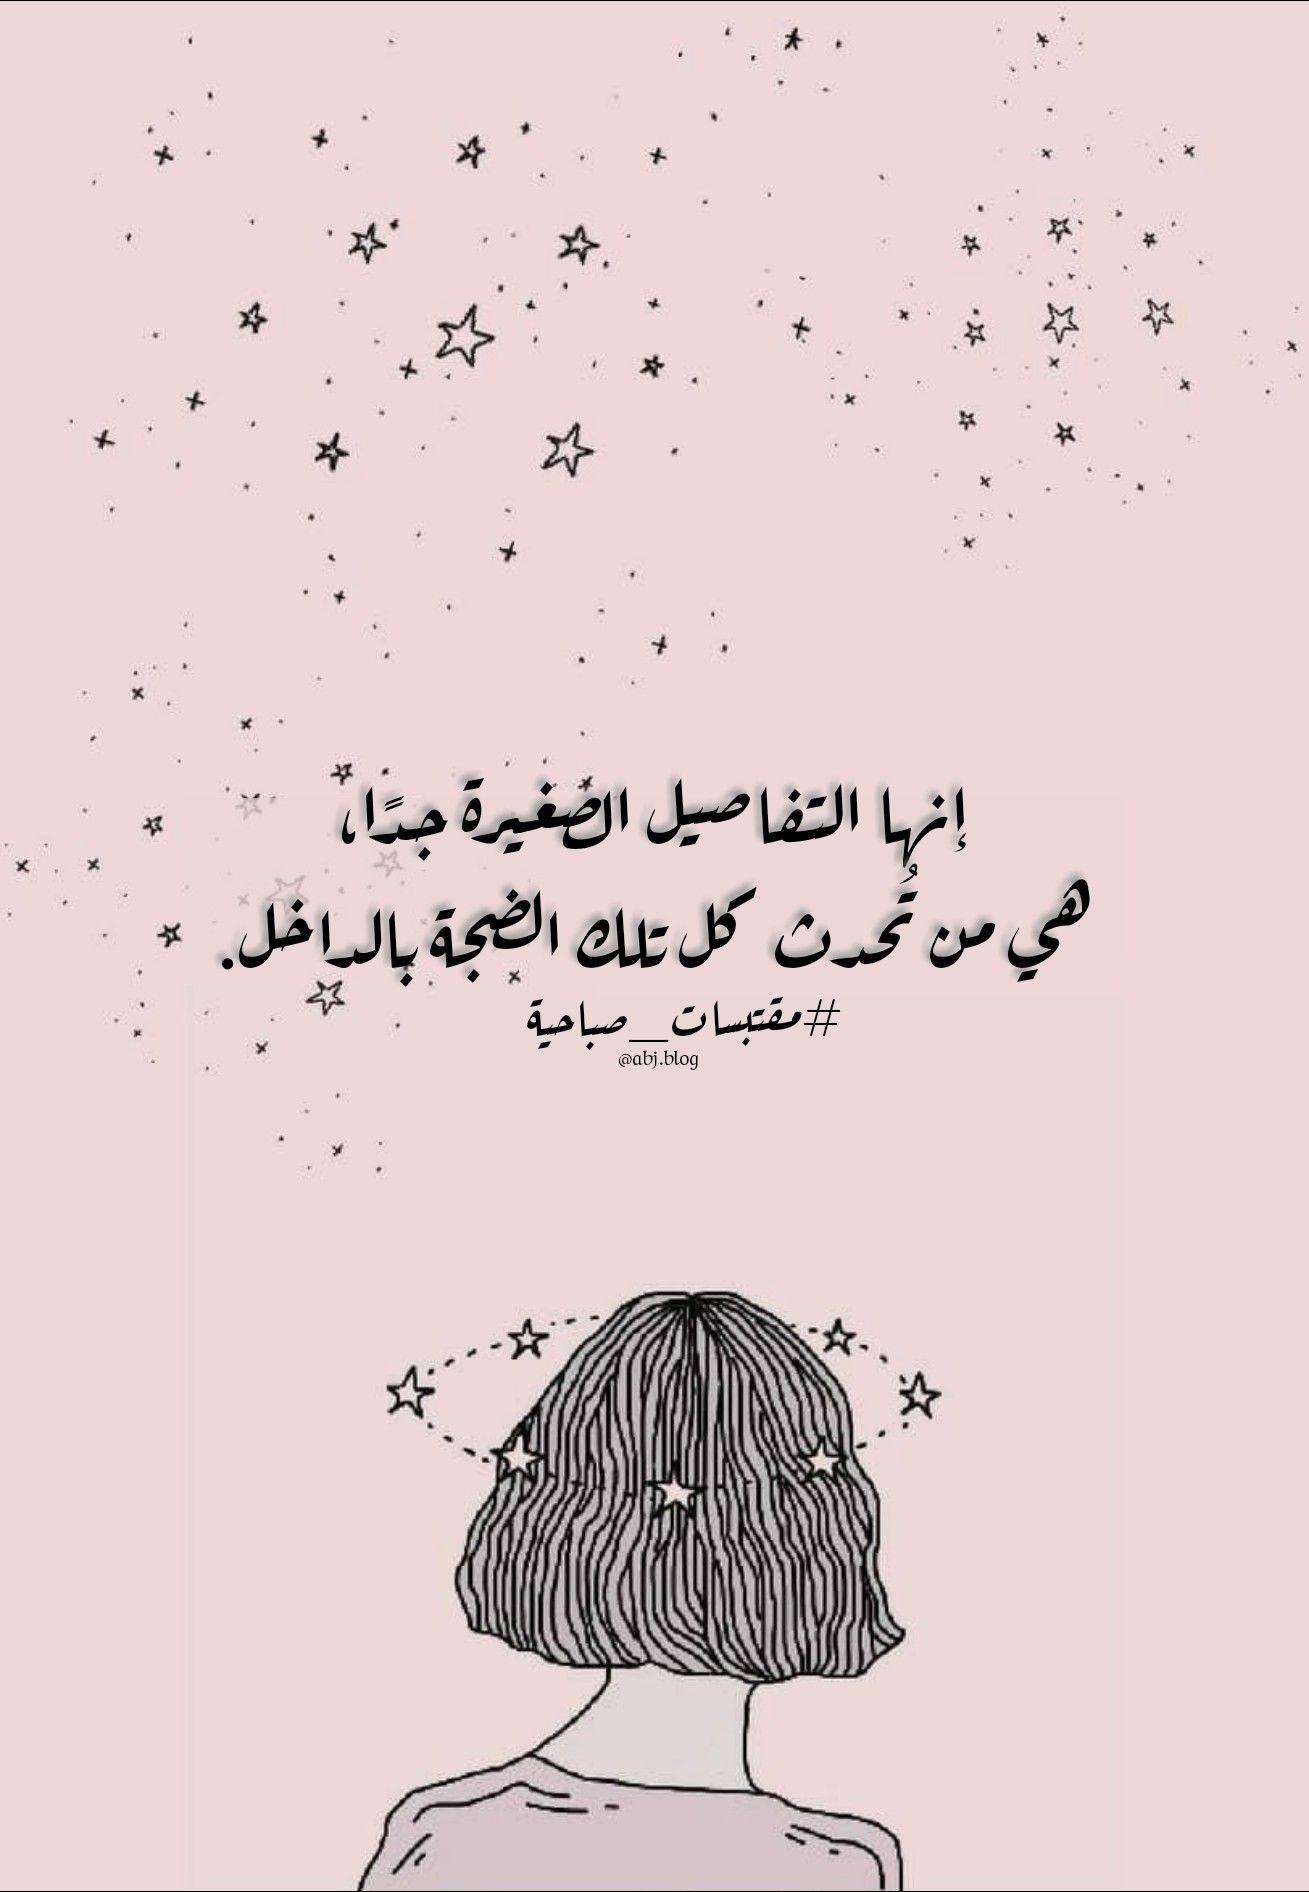 التفاصيل الصغيرة Spirit Quotes Love Quotes Wallpaper Words Quotes